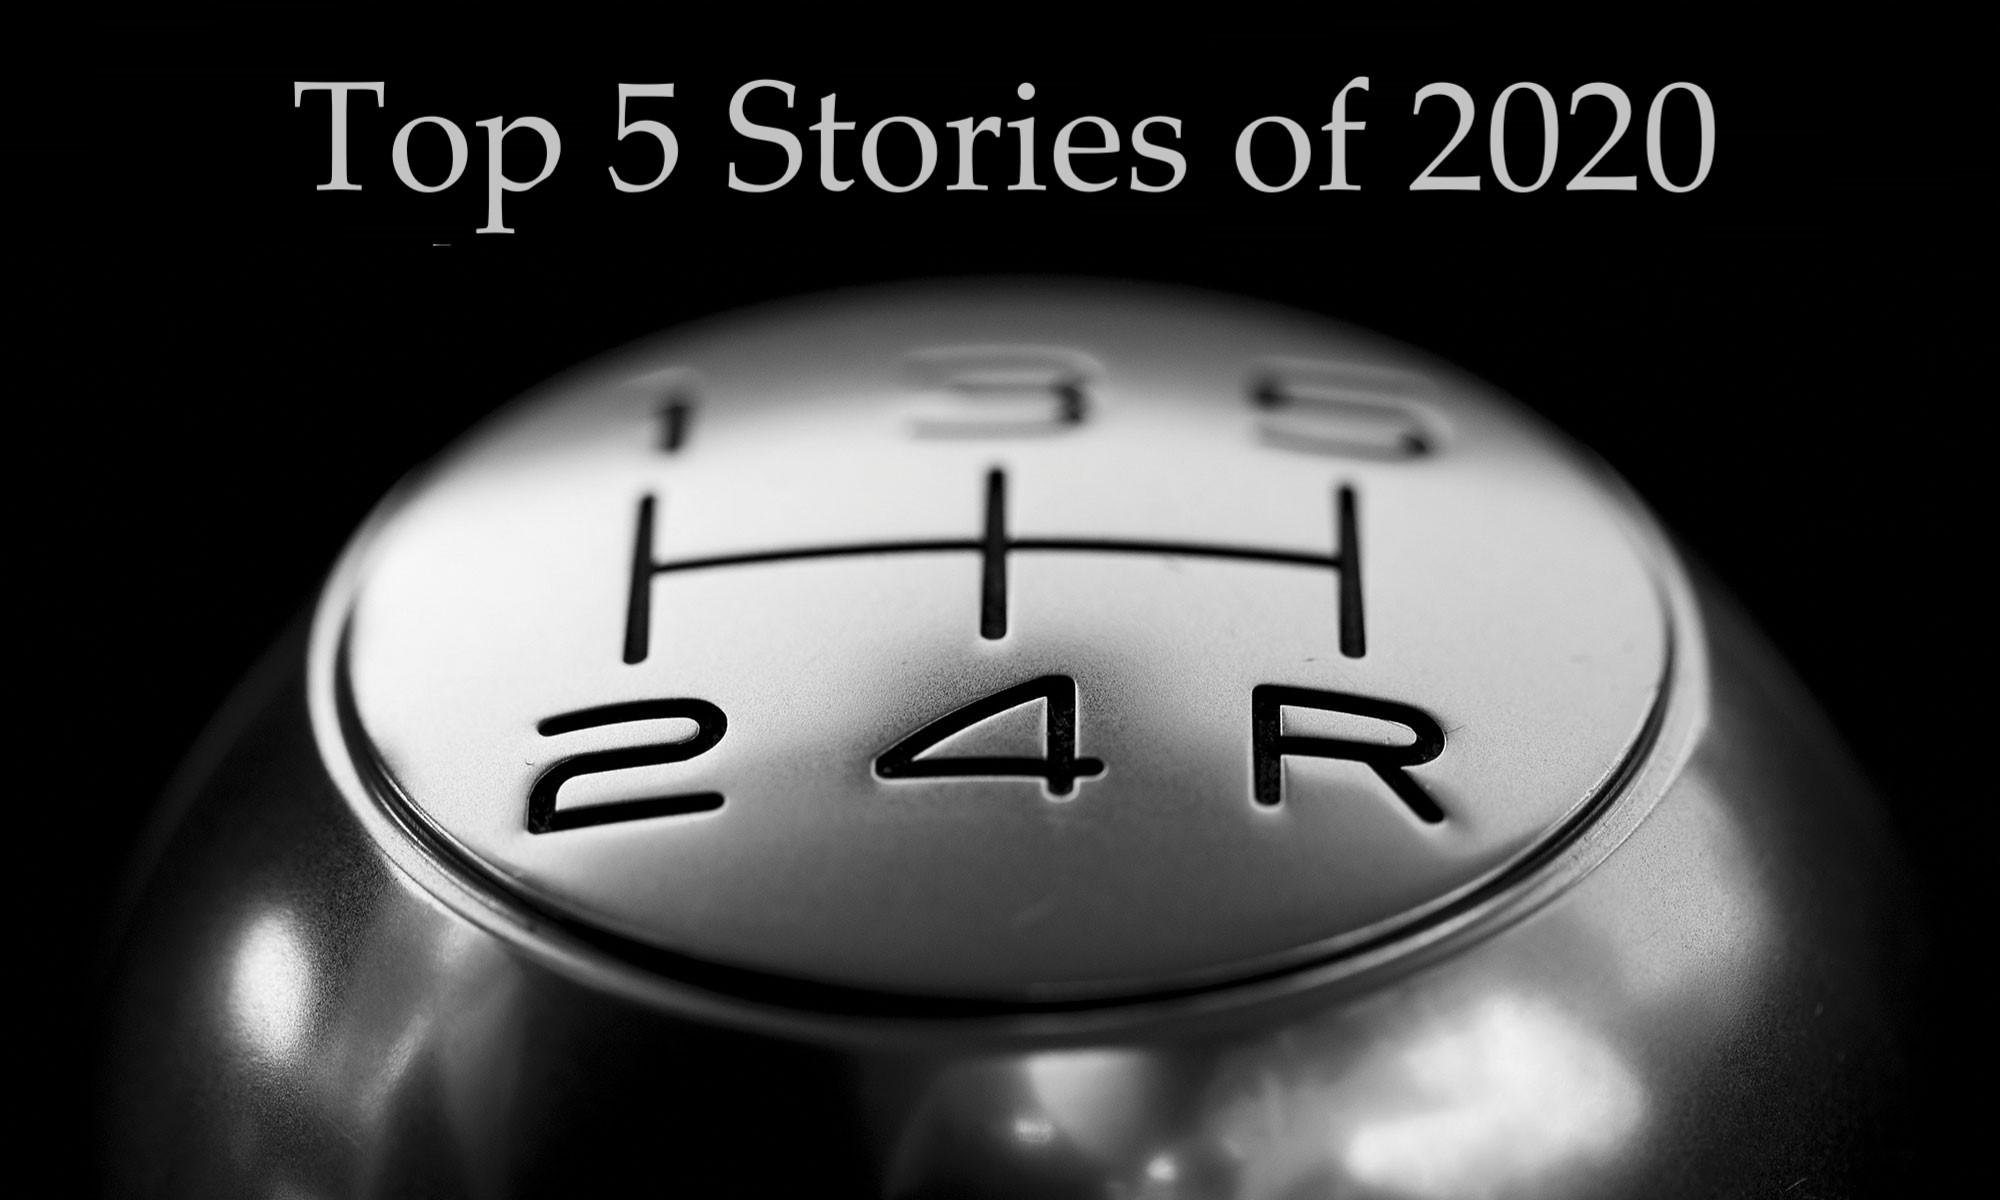 Top 5 stories of 2020